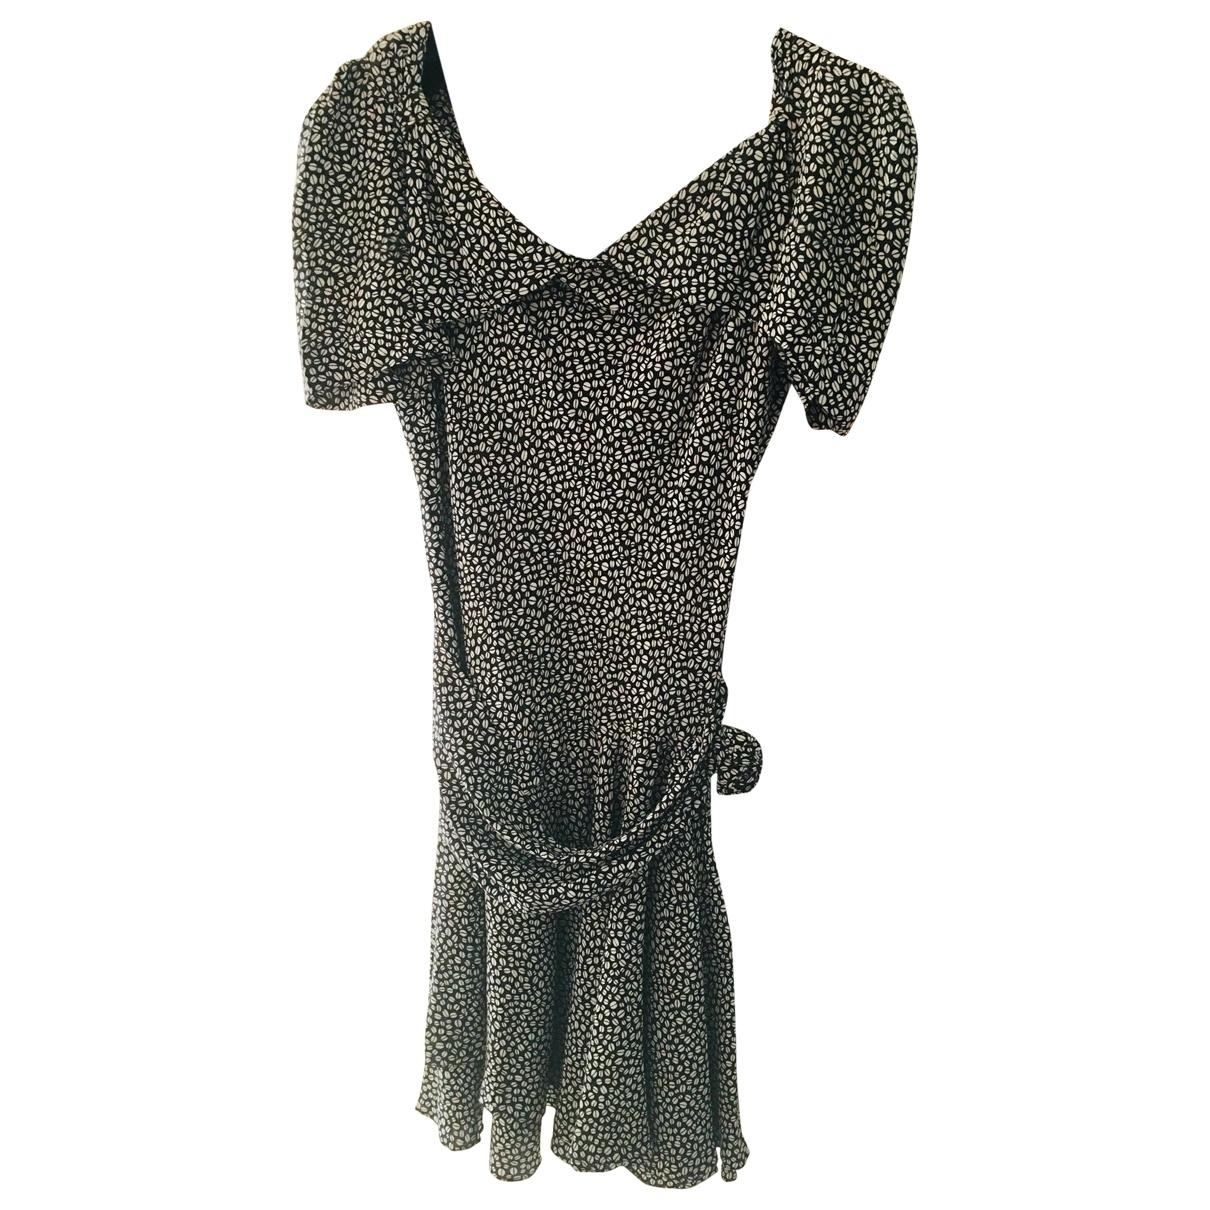 D&g \N Black dress for Women 42 FR